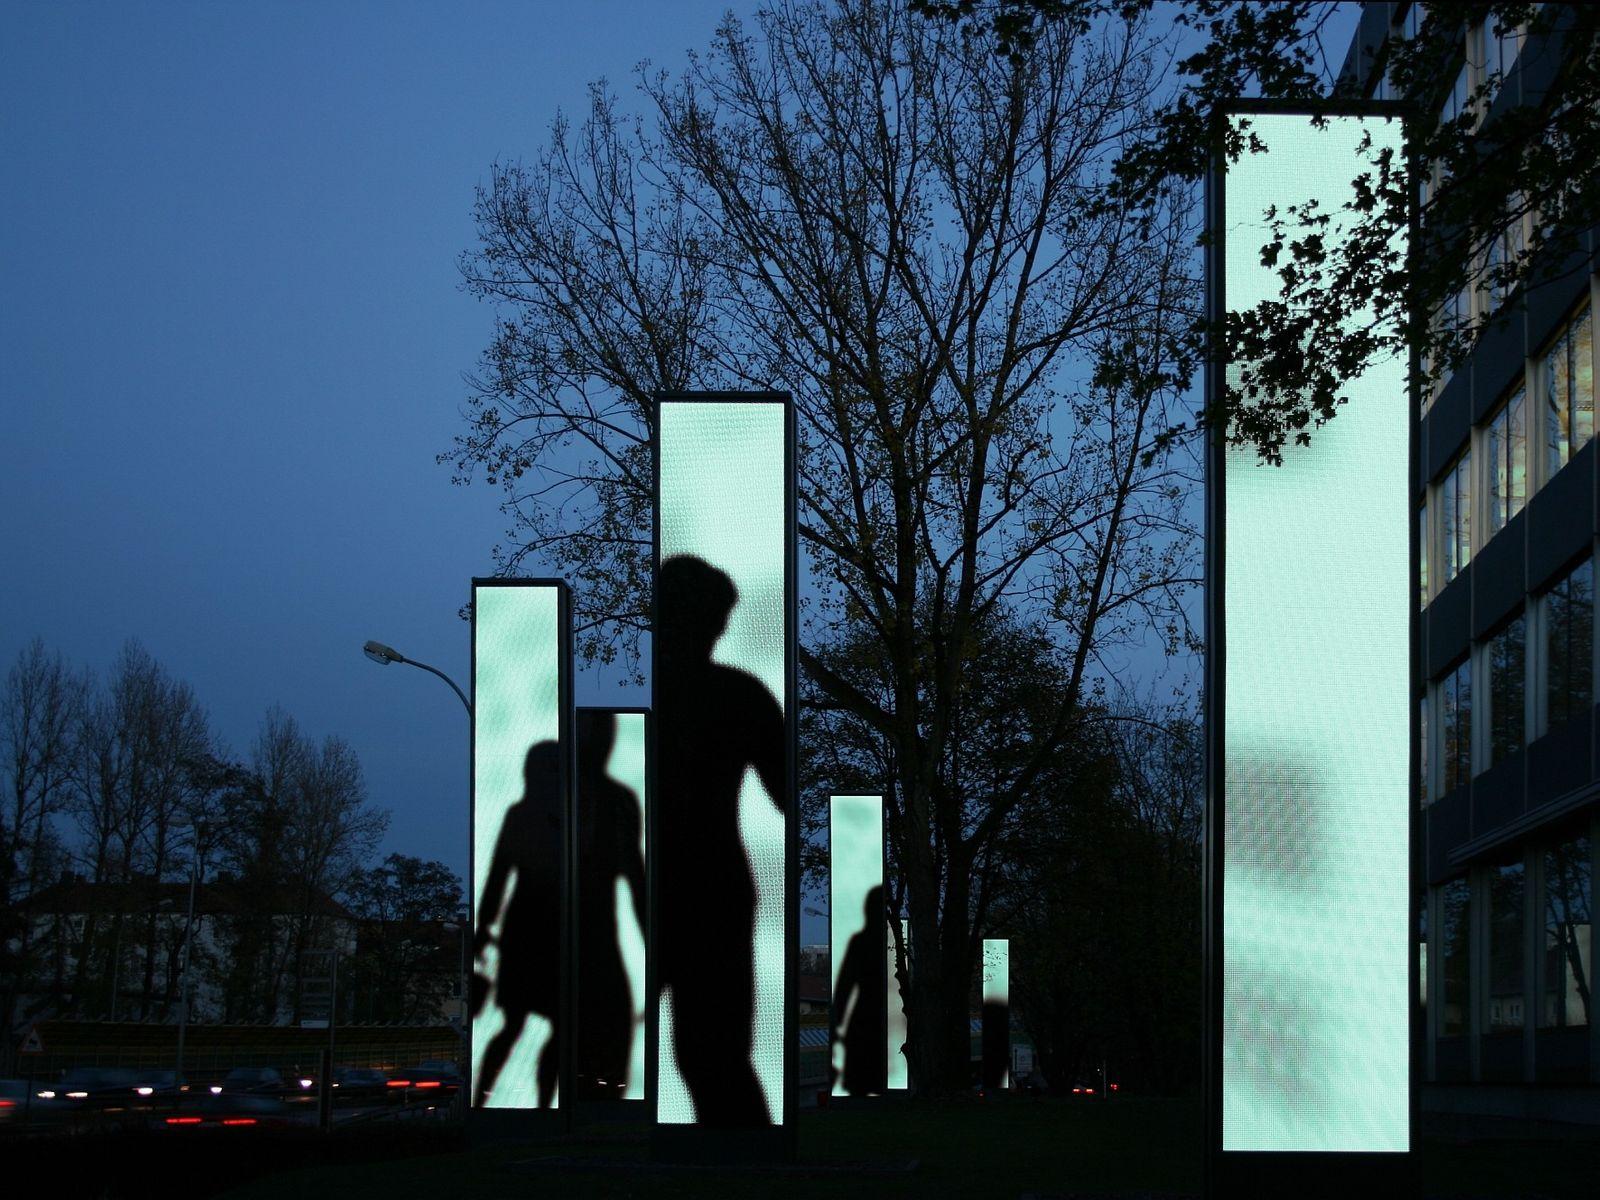 OSRAM Seven Screens / Wettbewerb für emotionale LED-Lichtkonzept